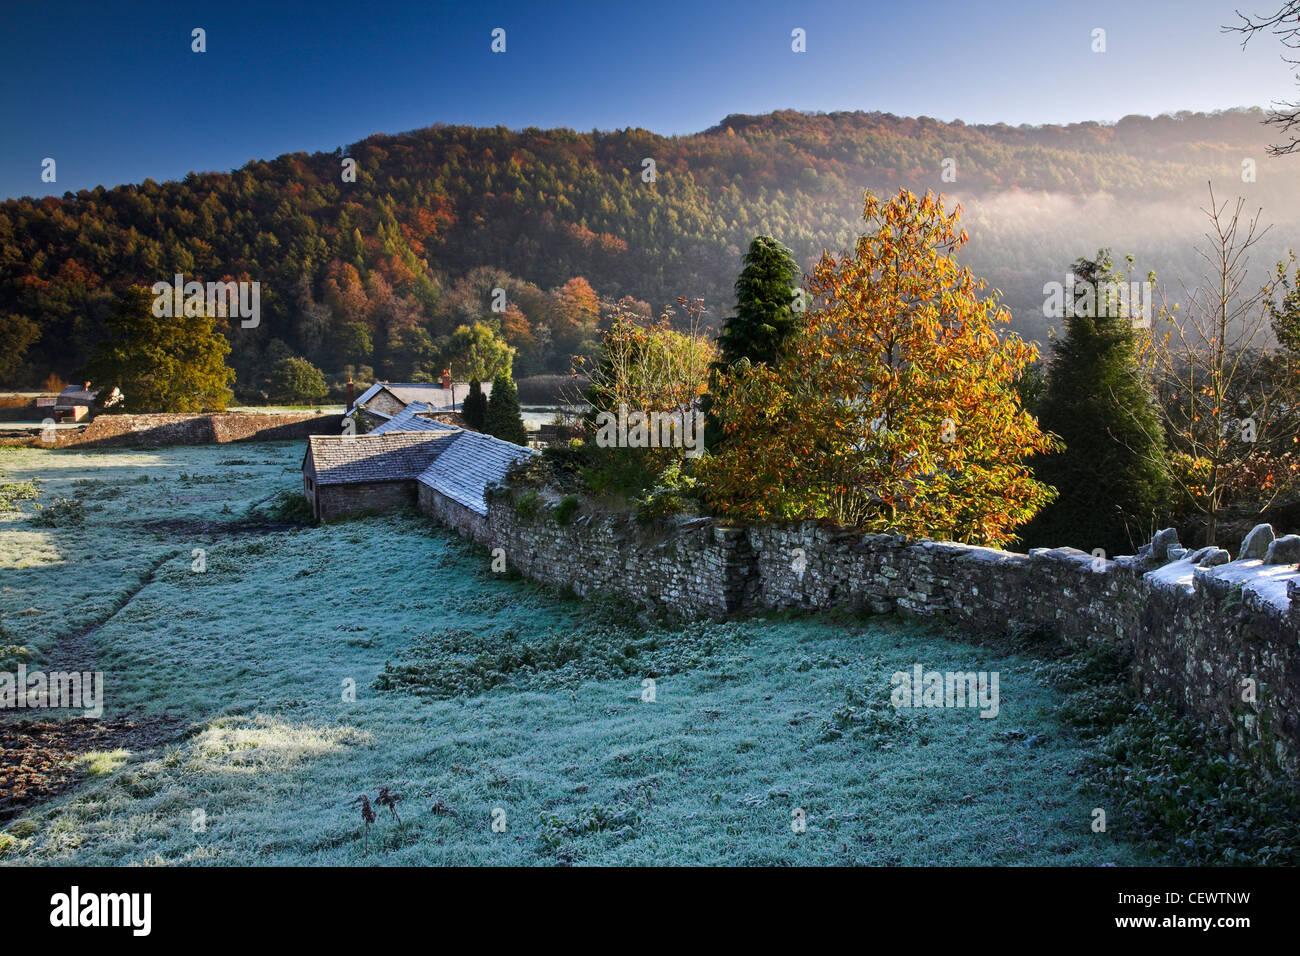 La Valle di Wye a Tintern all'alba. Con una marea di venti piedi, Tintern ha imparato a vivere con inondazioni Immagini Stock